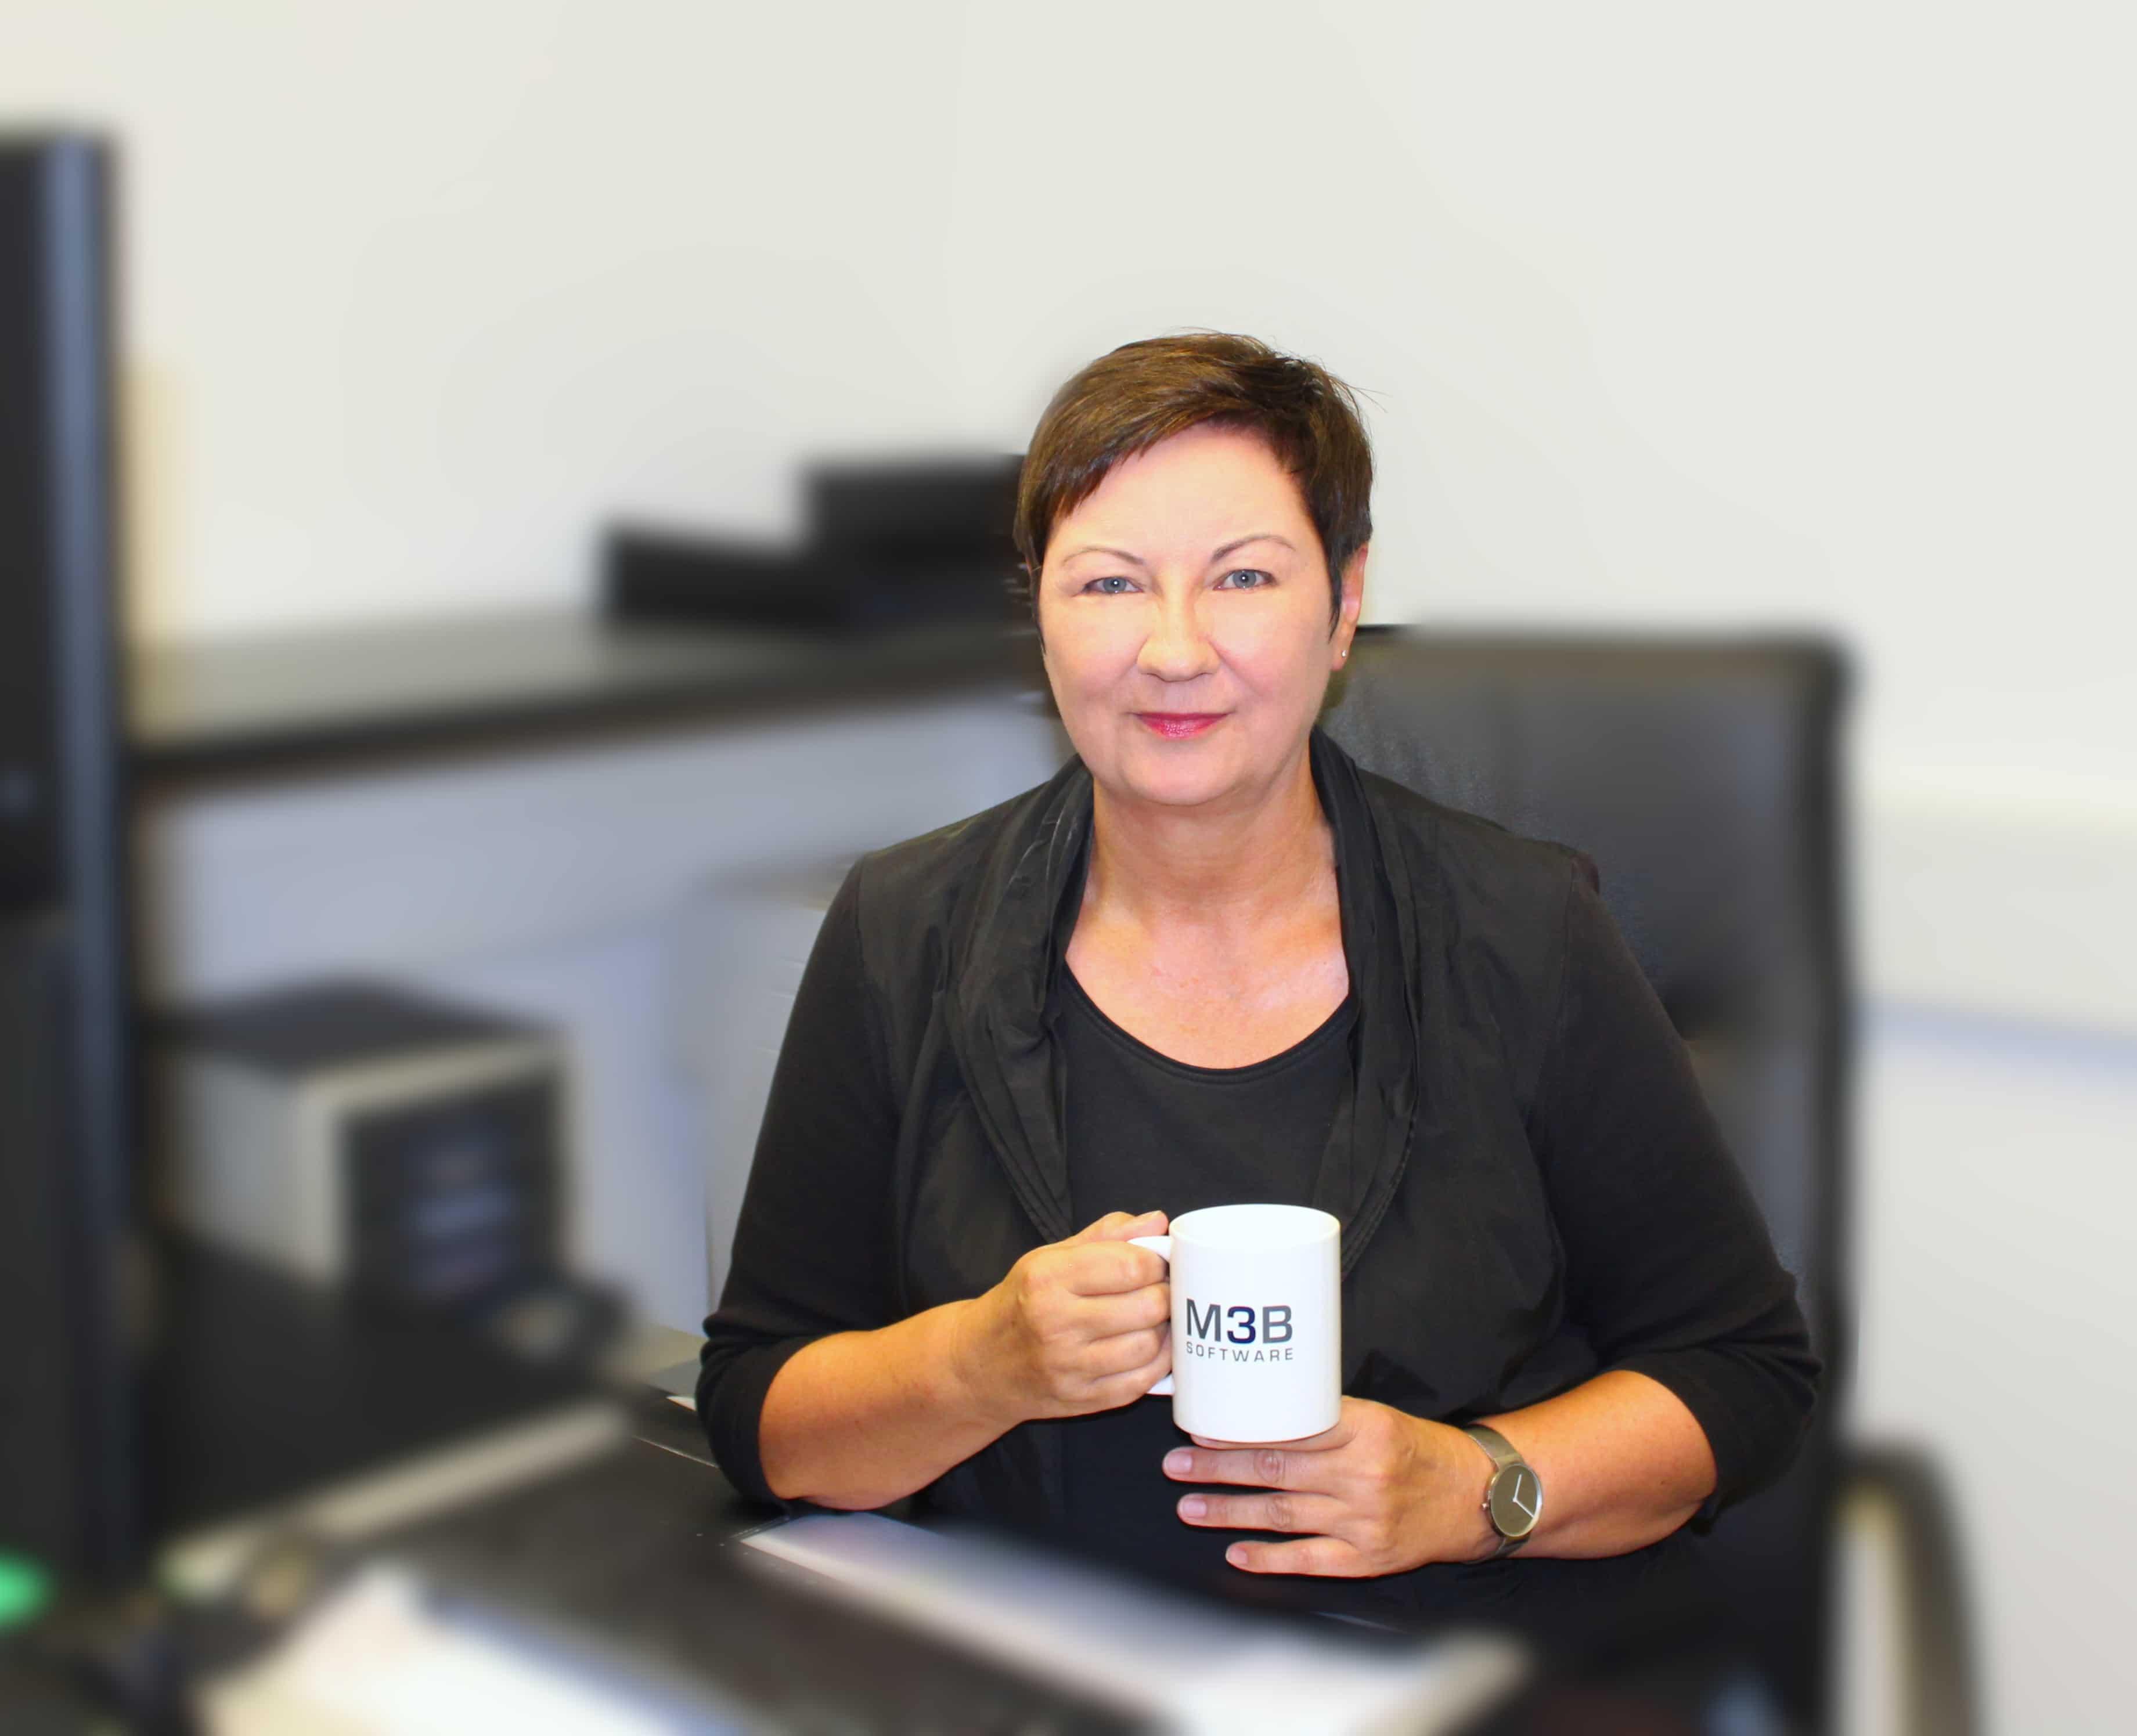 Monika Deitmerg von M3B Badplanungssoftware